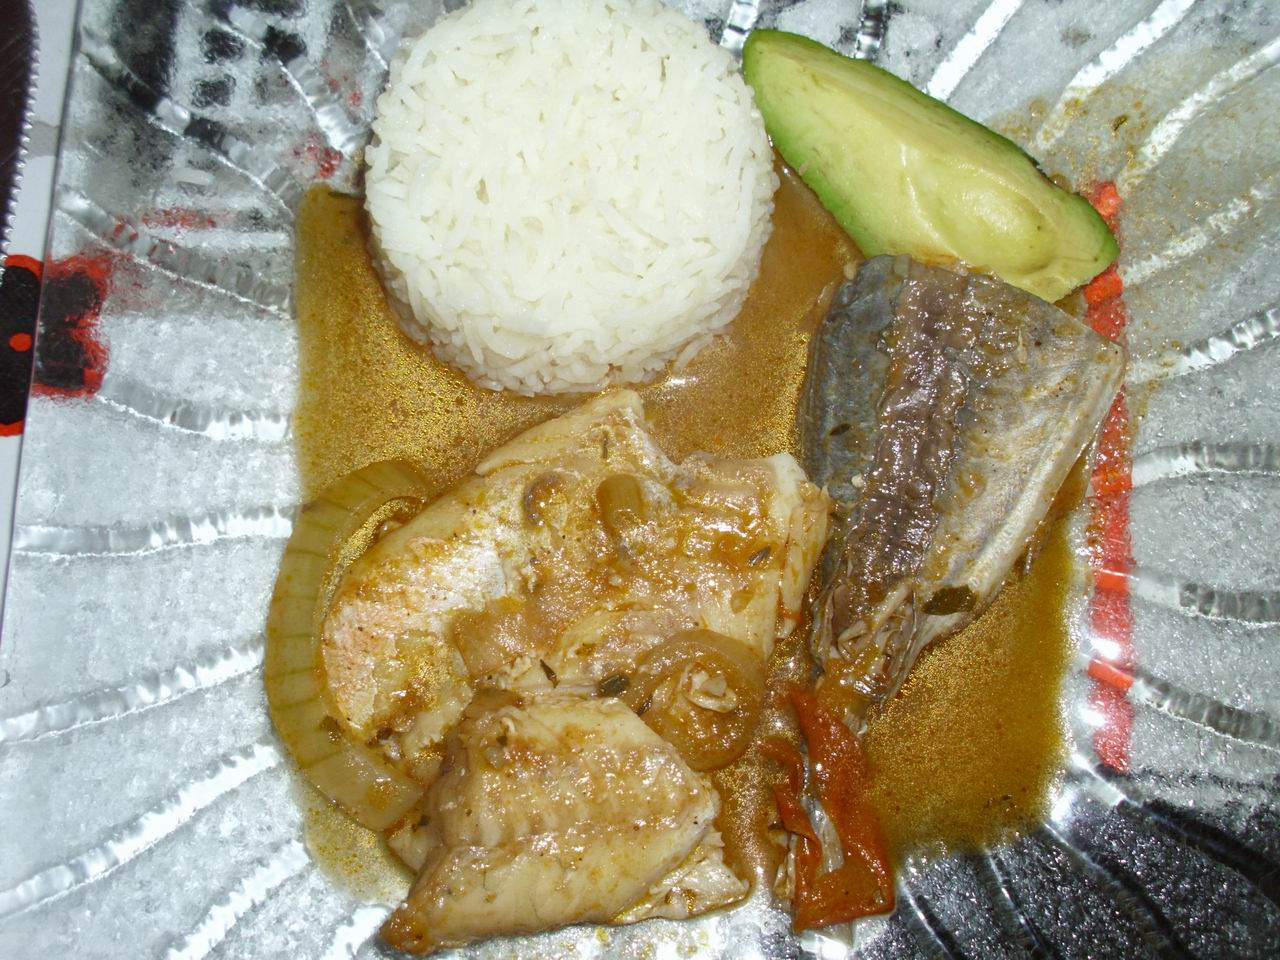 Recettes du chef une id e de souper ou de d jeuner photos - Court bouillon poisson maison ...